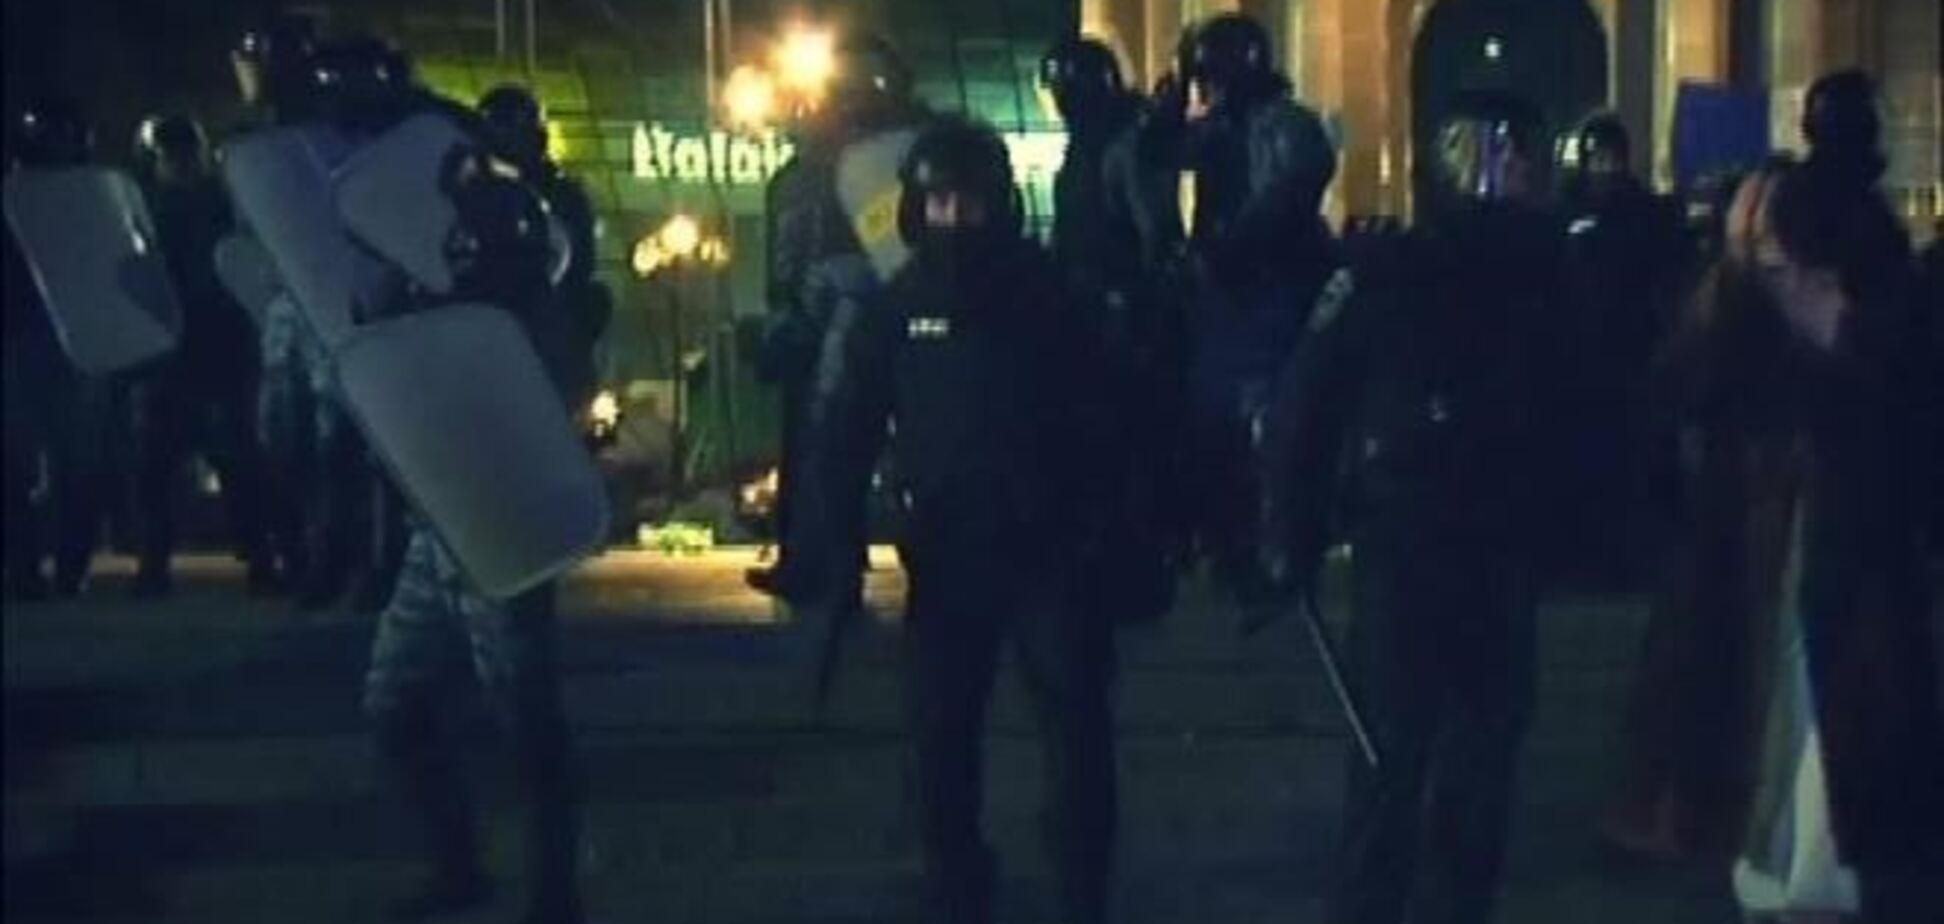 Оппозиция в суде требует освободить задержанных 'Беркутом'